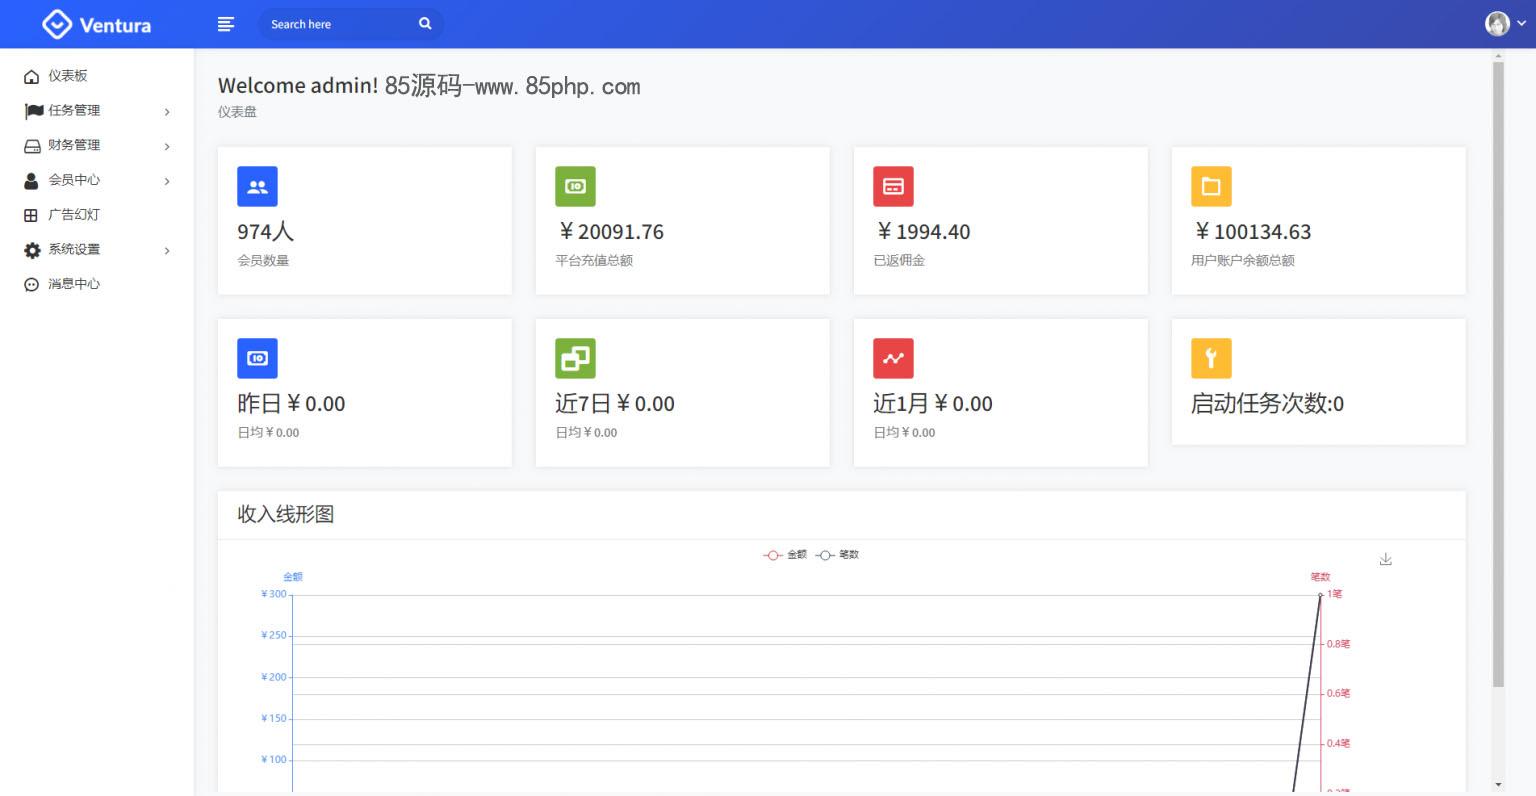 【抖音客】新版UI短视频点赞任务平台系统完美运营级别[等级功能+信誉积分+保证金]插图3